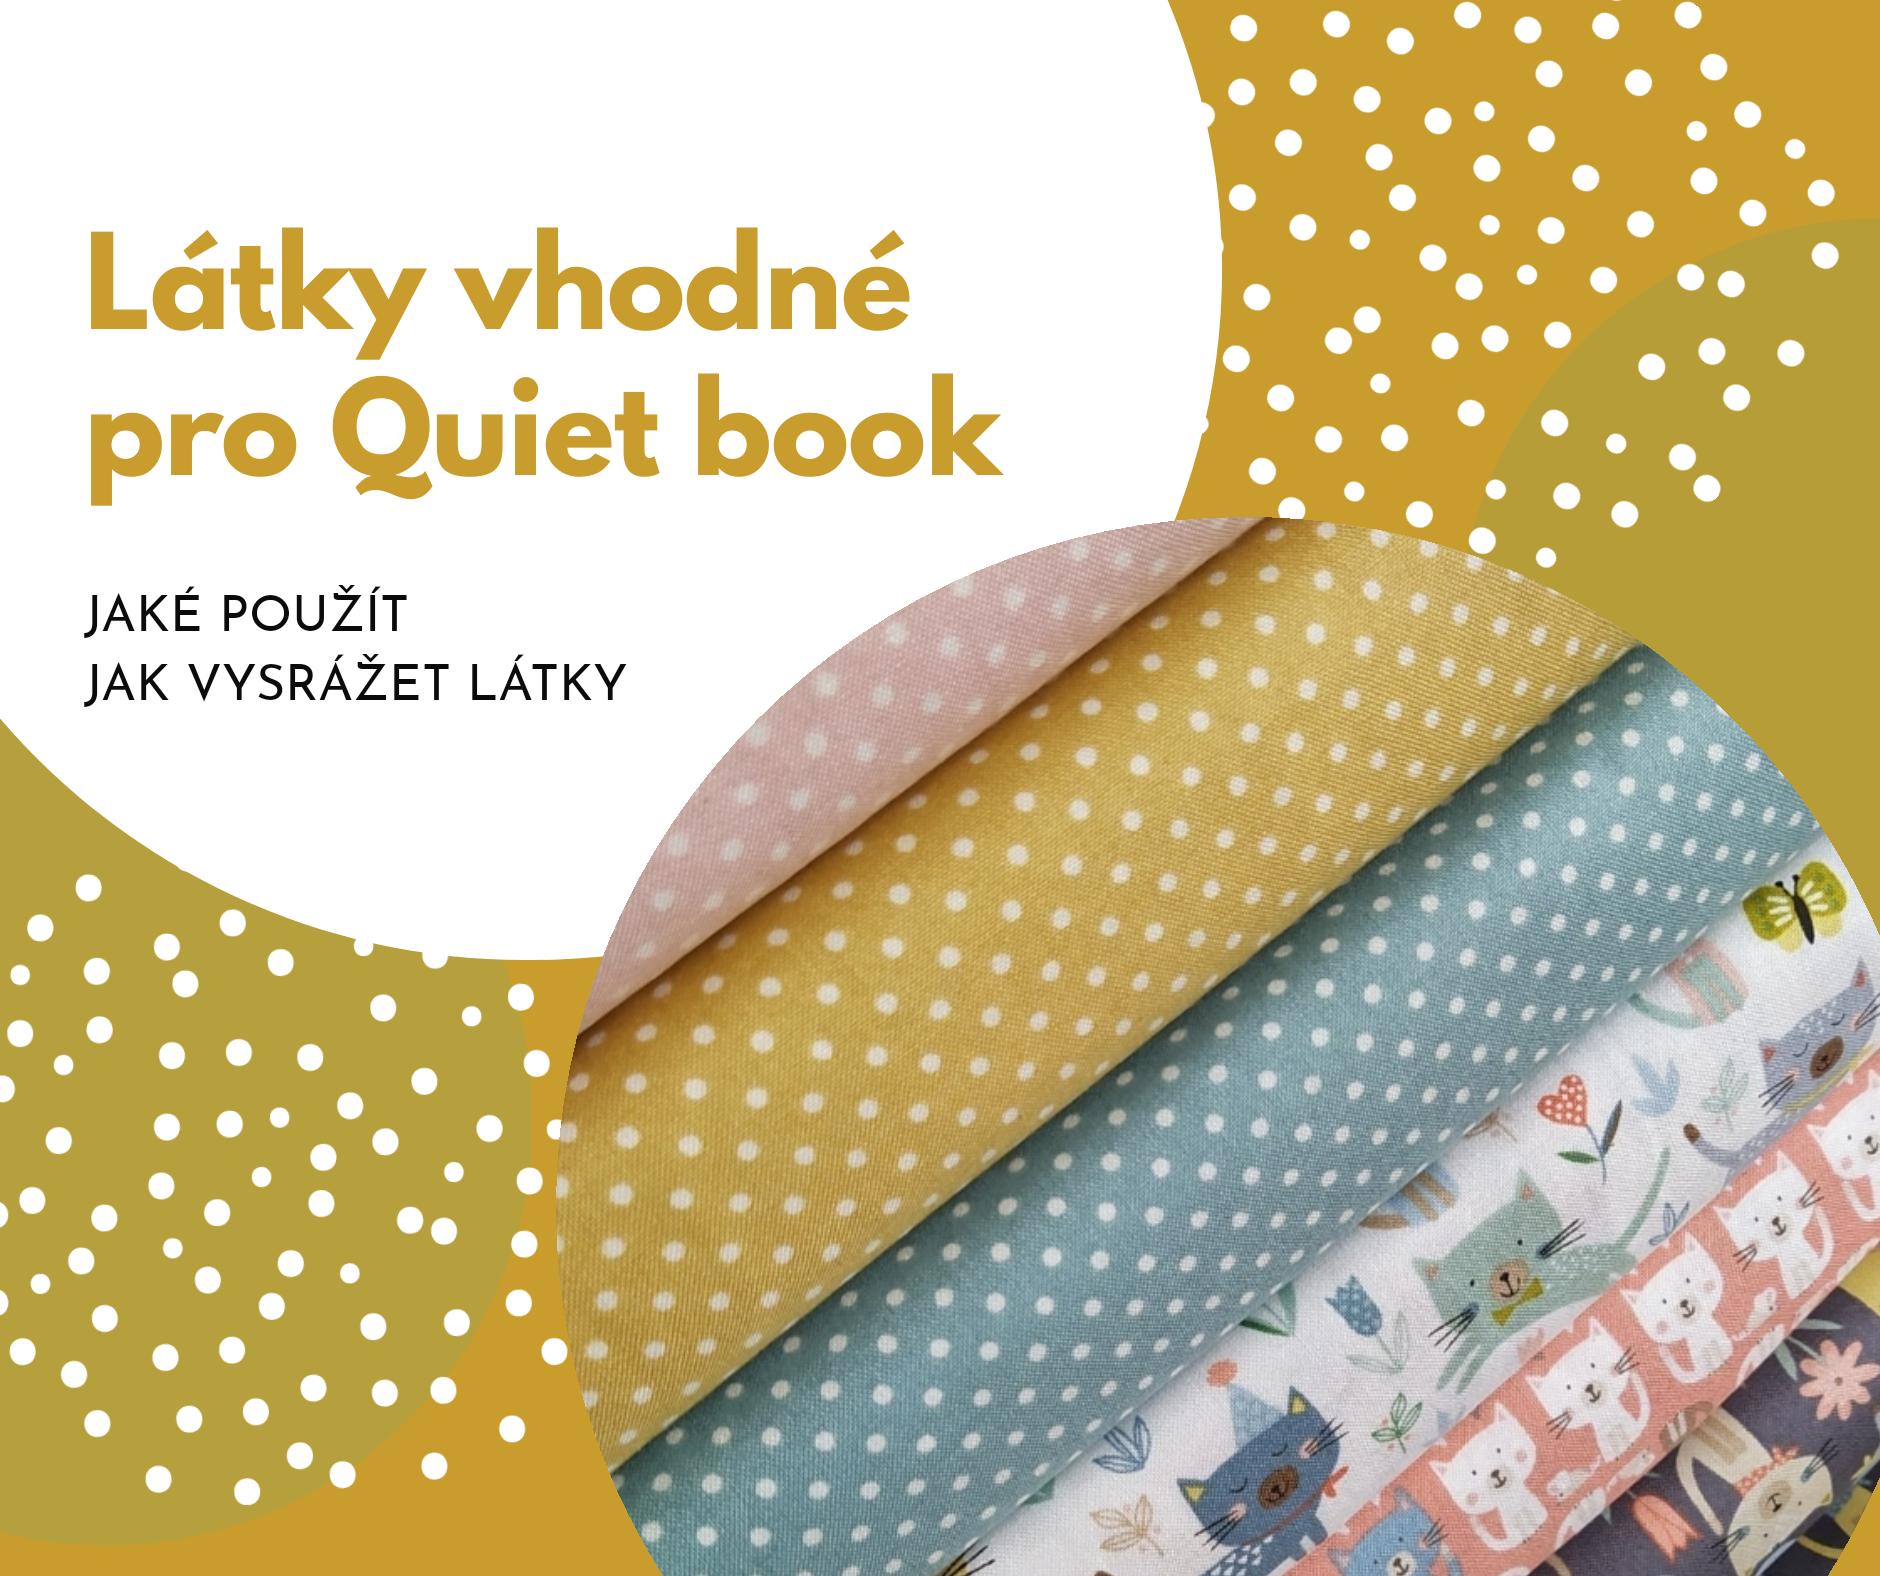 Látky vhodné pro šití quiet book – srážení látek a příprava k šití